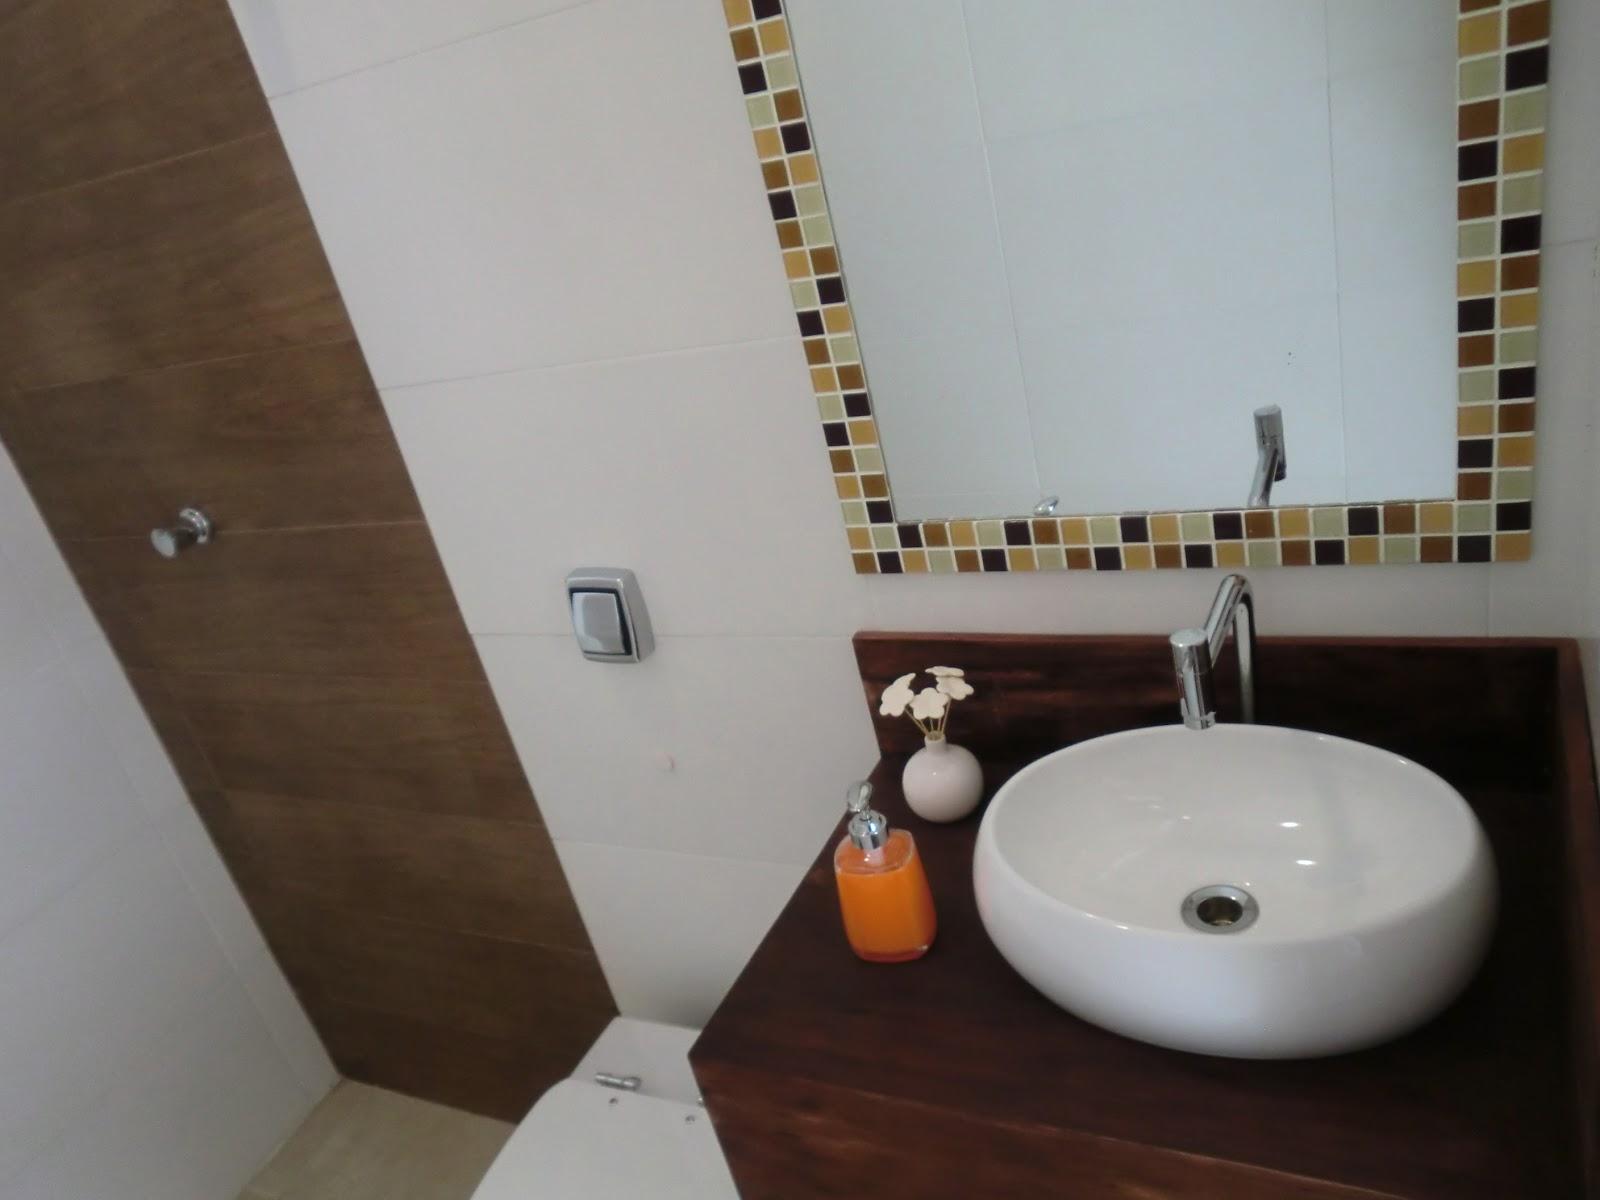 #5D4633 Banheiro Pequeno Quase Pronto 1600x1200 px Banheiro Pequeno Antes E Depois 2427